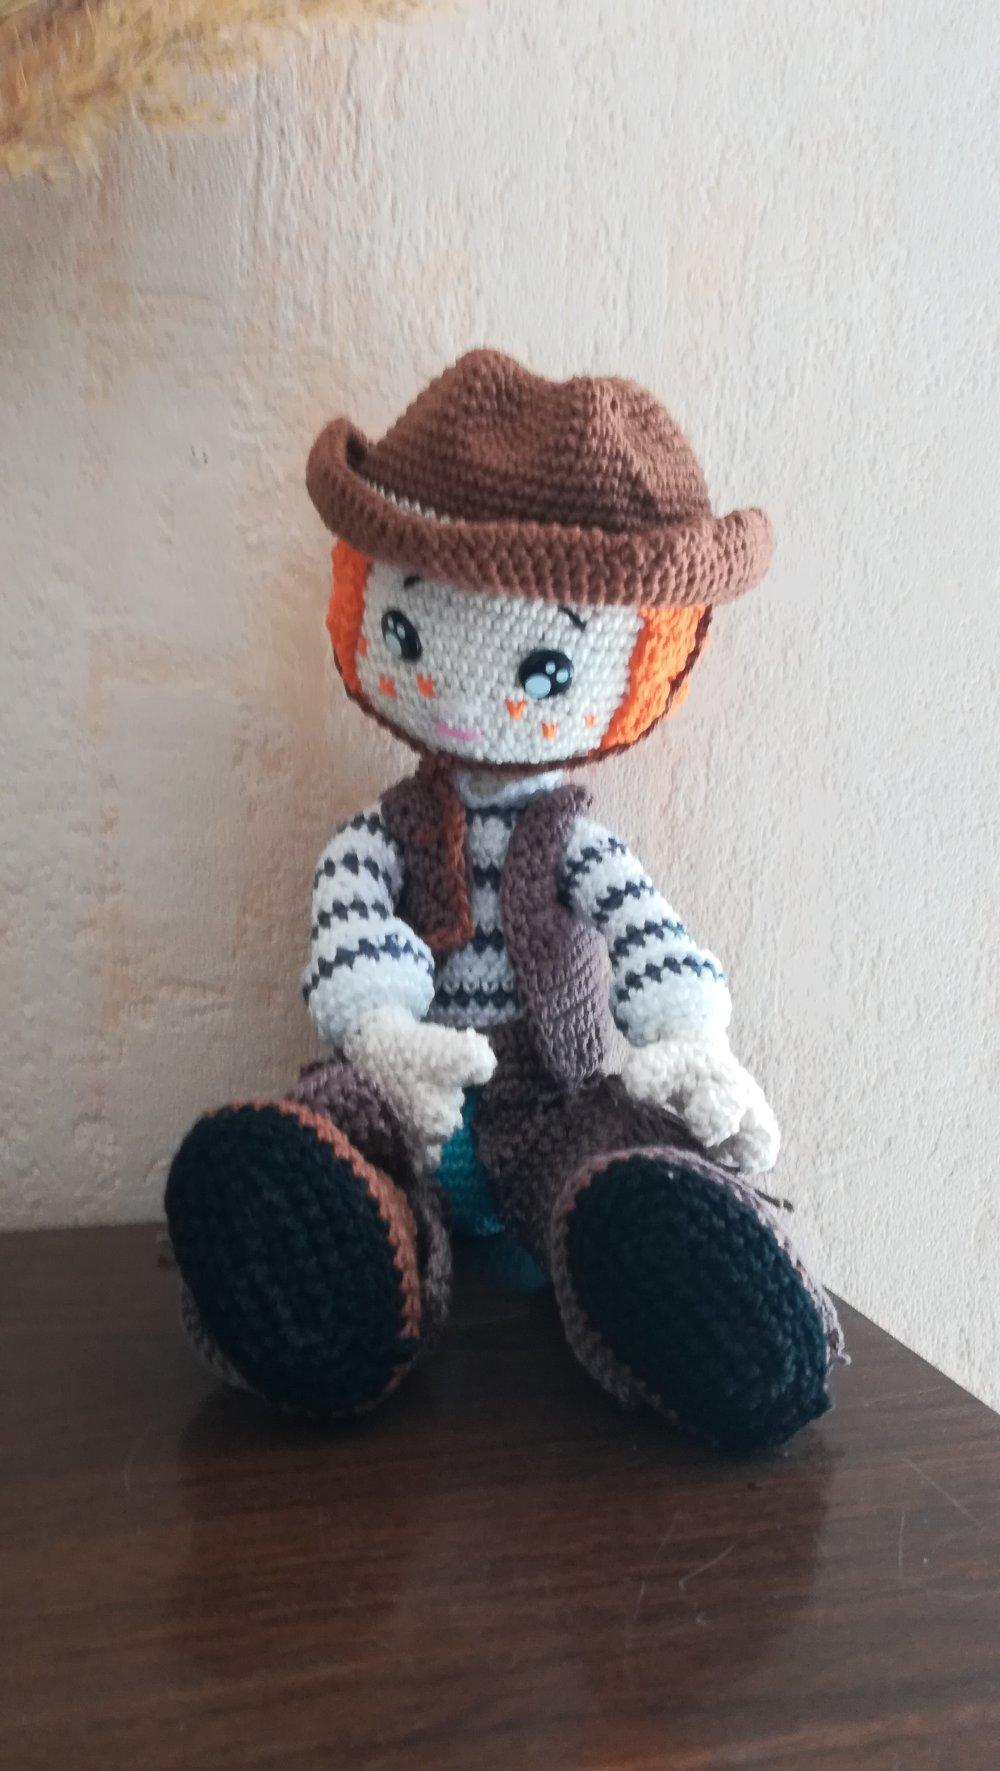 Cow-boy poupée crocheté en coton